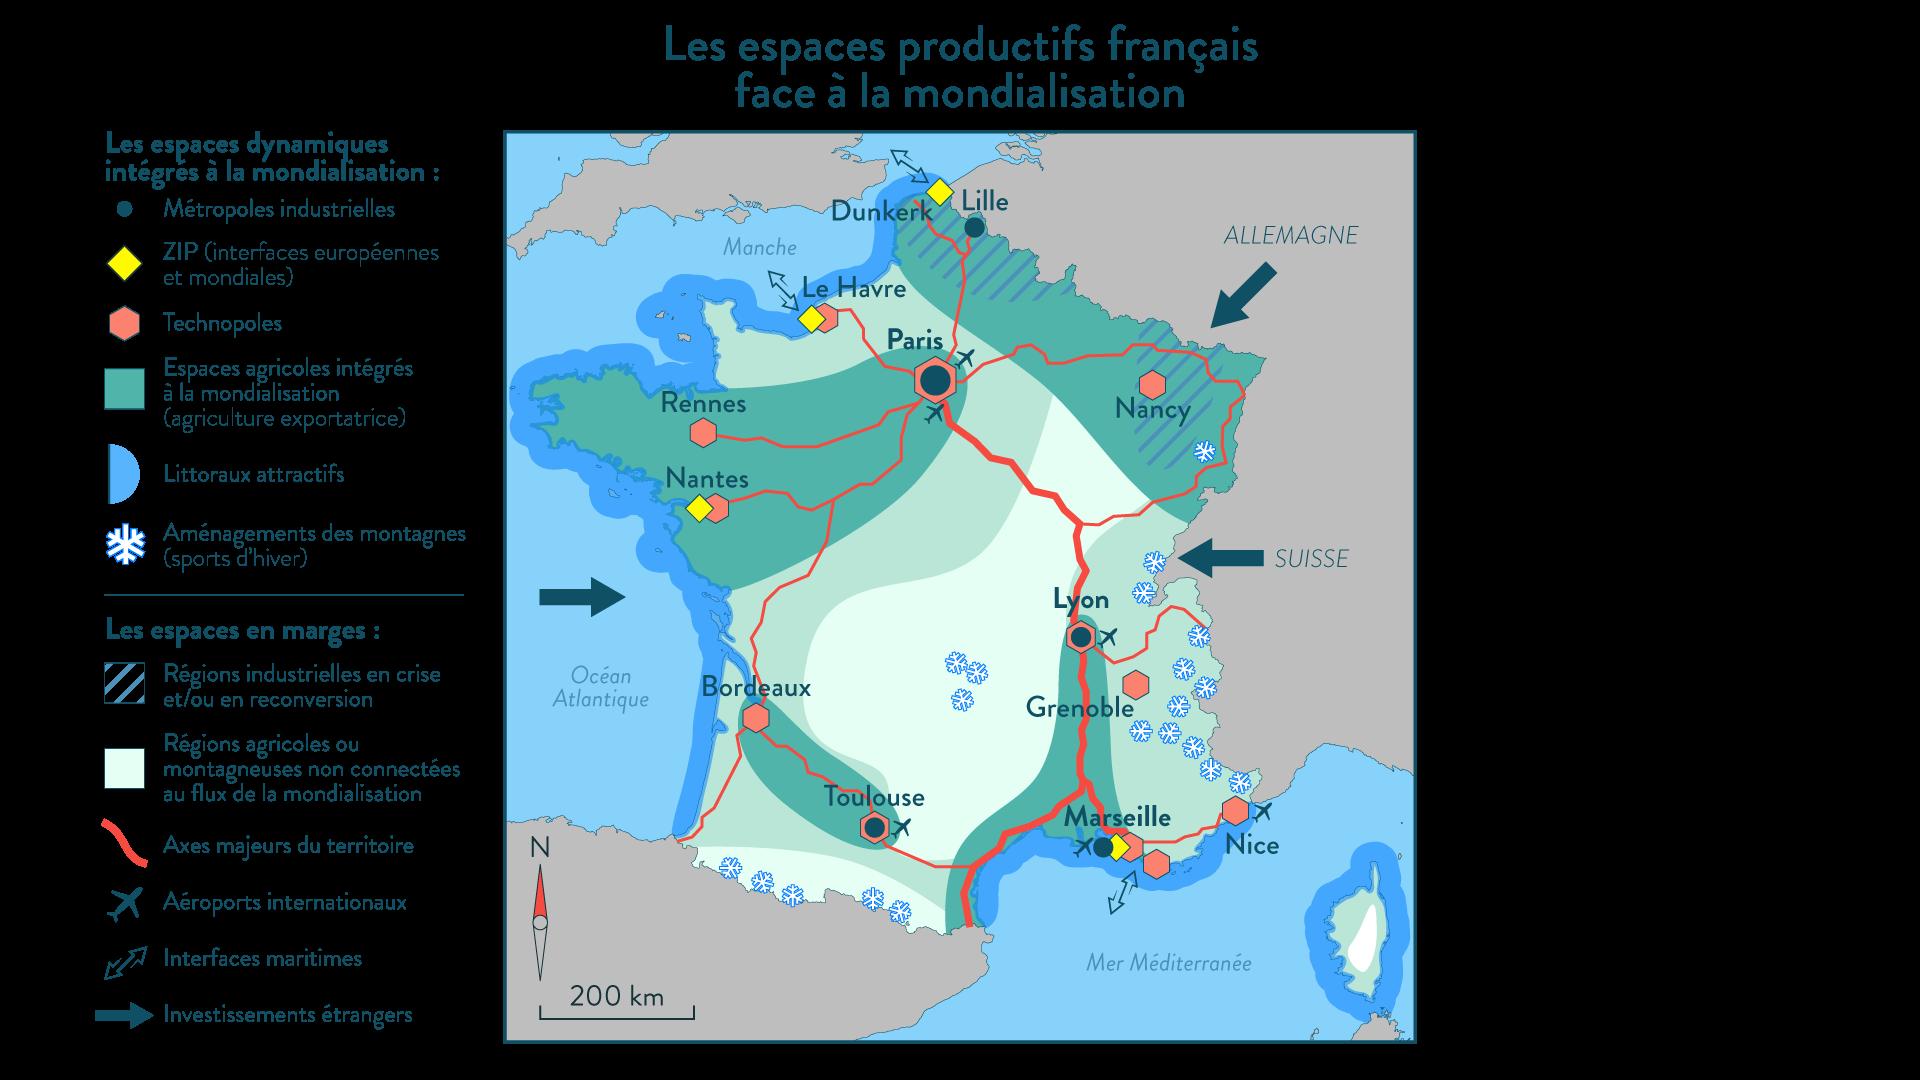 Les espaces productifs français face à la mondialisation - géographie - SchoolMouv